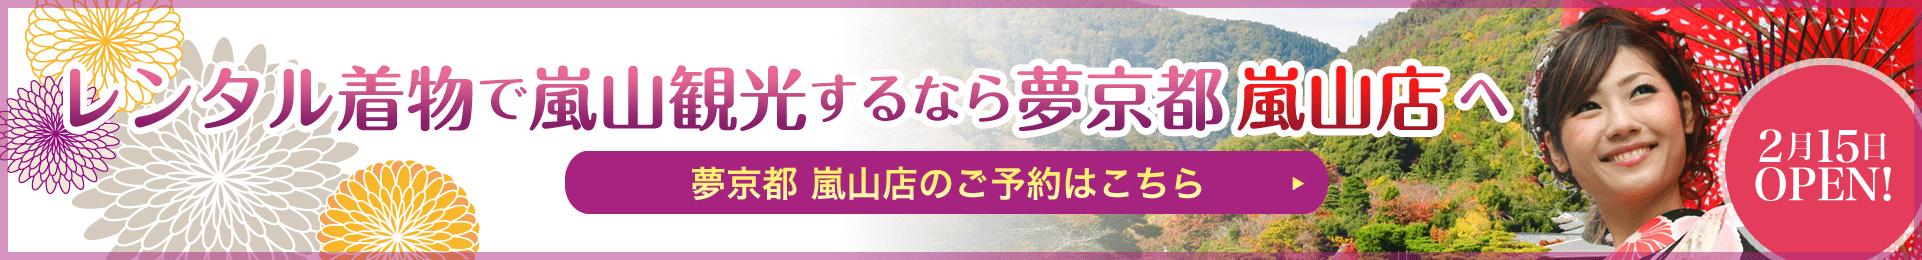 嵐山観光は夢京都嵐山店で!